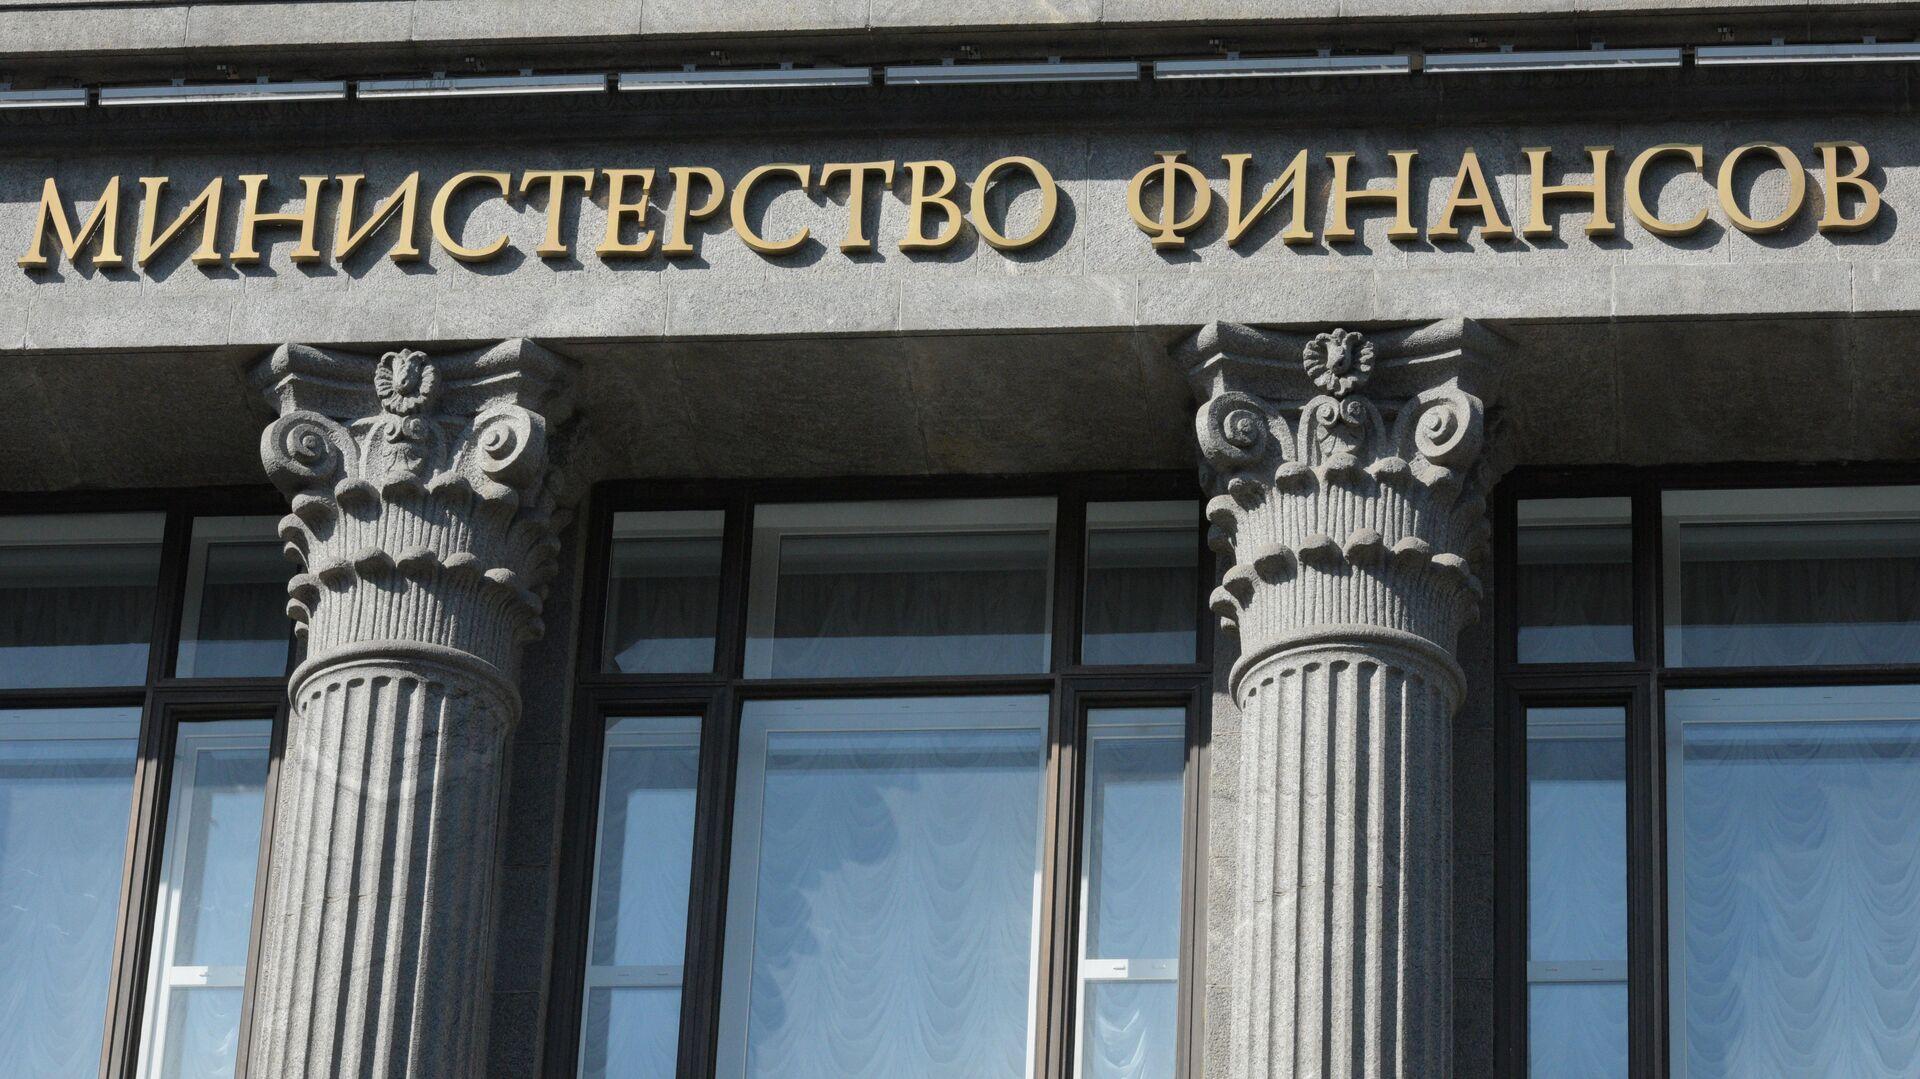 Здание министерства финансов России - РИА Новости, 1920, 03.08.2020